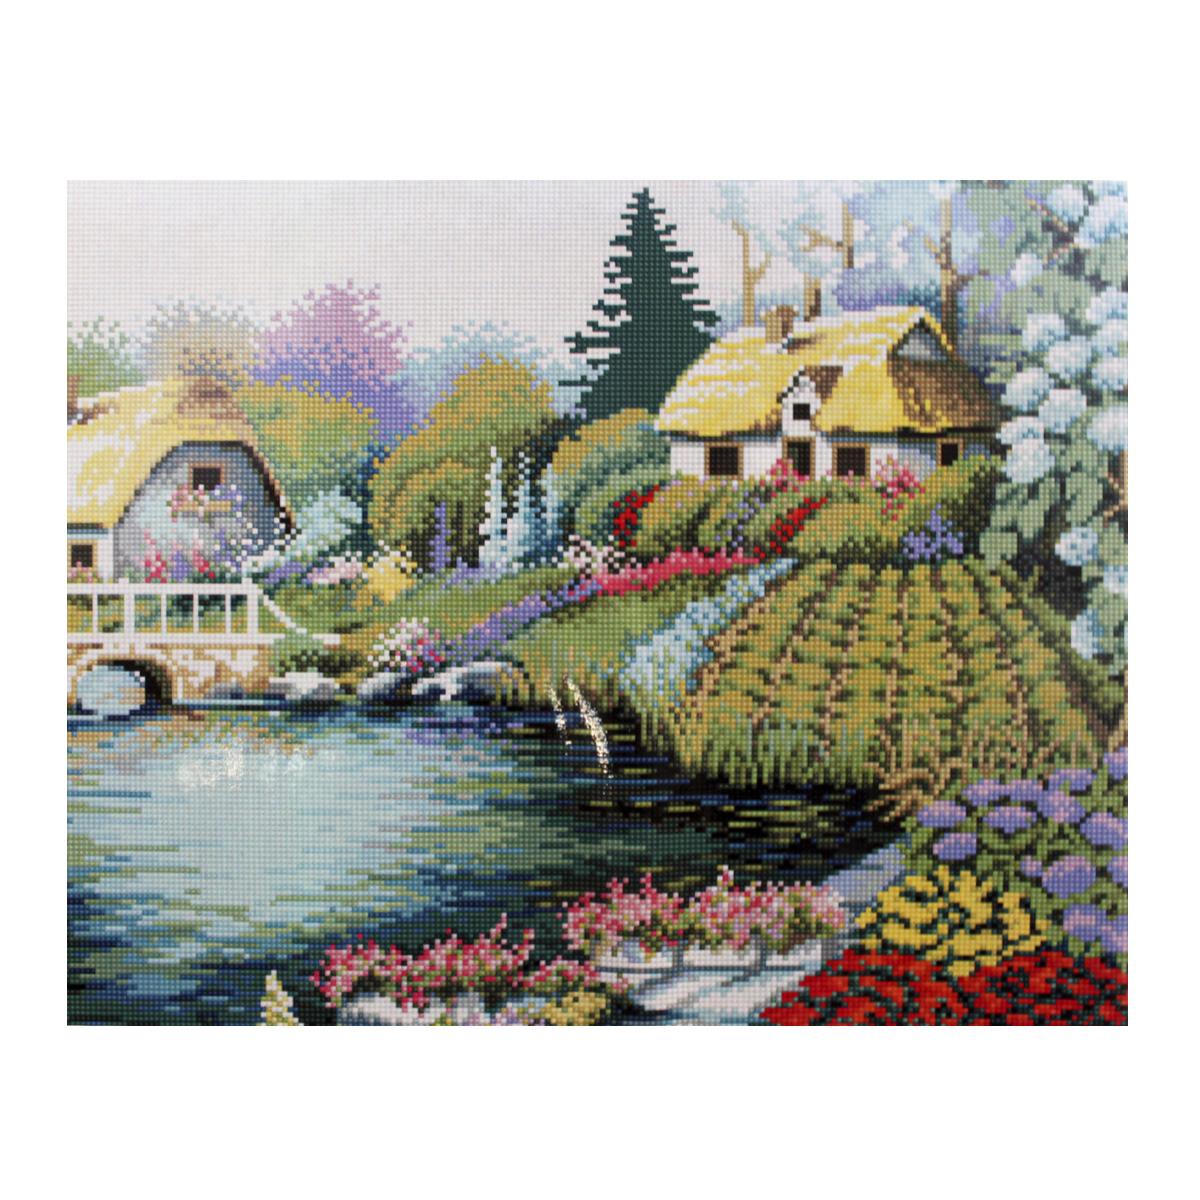 Алмазная мозаика Cristal, на деревянном подрамнике, 40 х 50 см. 77130257713025/GZ016Набор для творчества Cristal поможет вам создать свой личный шедевр - красивую картину, выполненную в мозаичной технике. Выложите прекрасную картину из множества маленьких цветных камушков. С помощью пинцета камушки размещаются на холсте, в результате проявляется рисунок. Постепенно заполняя ряд за рядом, вы создадите чудесное переливающееся изображение. Каждый камушек выполнен из прочного материала. Работа, выполненная своими руками, станет отличным подарком для друзей и близких! В набор входит: - Основа картины с нанесенной схемой на деревянной раме; - Ключи к схеме; - Комплект искусственных камней (35 цветов); - Желеобразный клей; - Пинцет; - Прозрачный клей; - Пластиковая ручка; - Пластмассовый лоток для камней; - Металлические крепления для готовой работы. Диаметр камушка: 2,5 мм. Размер готового изделия: 40 х 50 см.